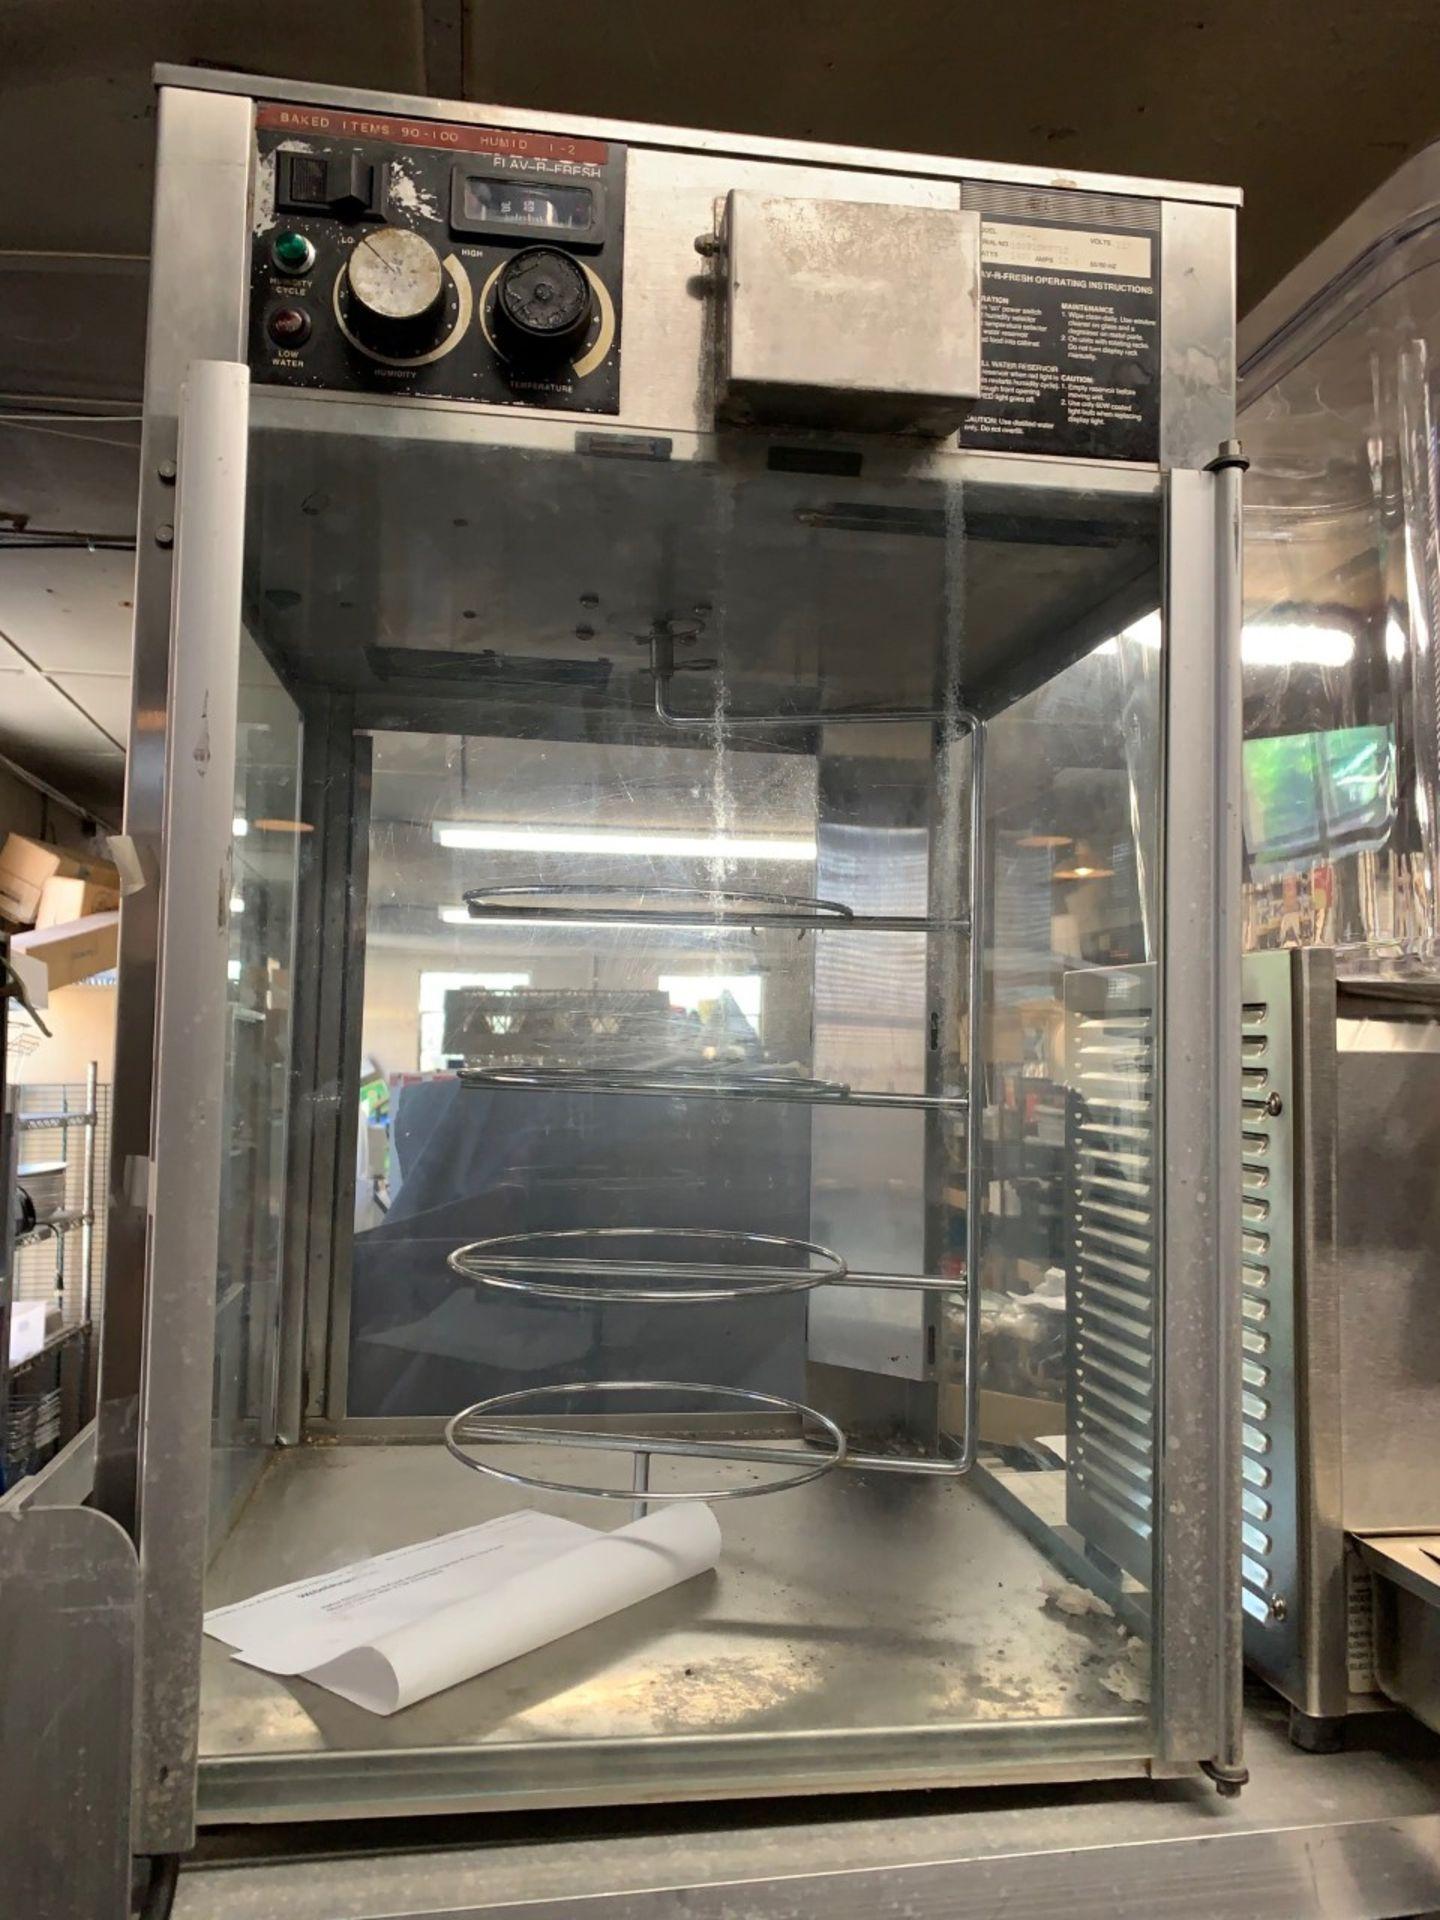 Lot 1466 - Countertop Hot Food Display (needs repair)